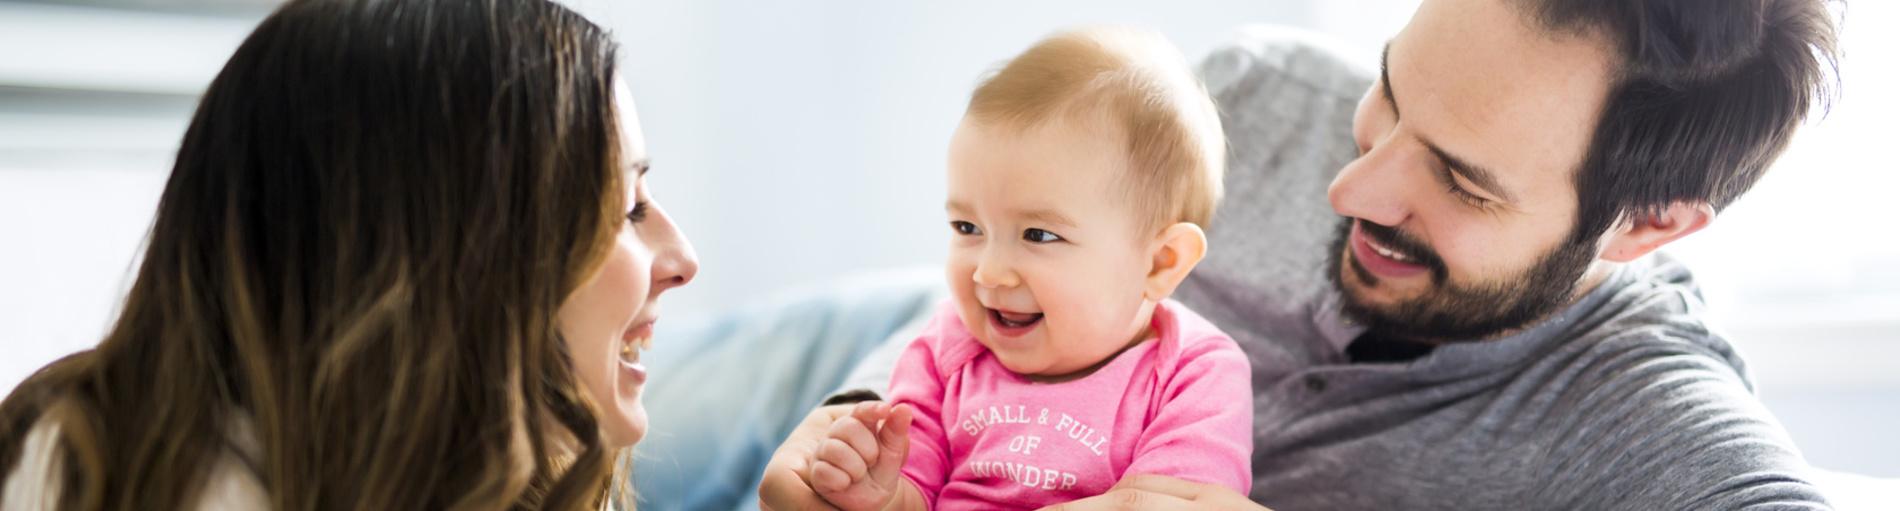 Ein junges Elternpaar liegt mit einem lachenden Kind auf einer weißen Decke.